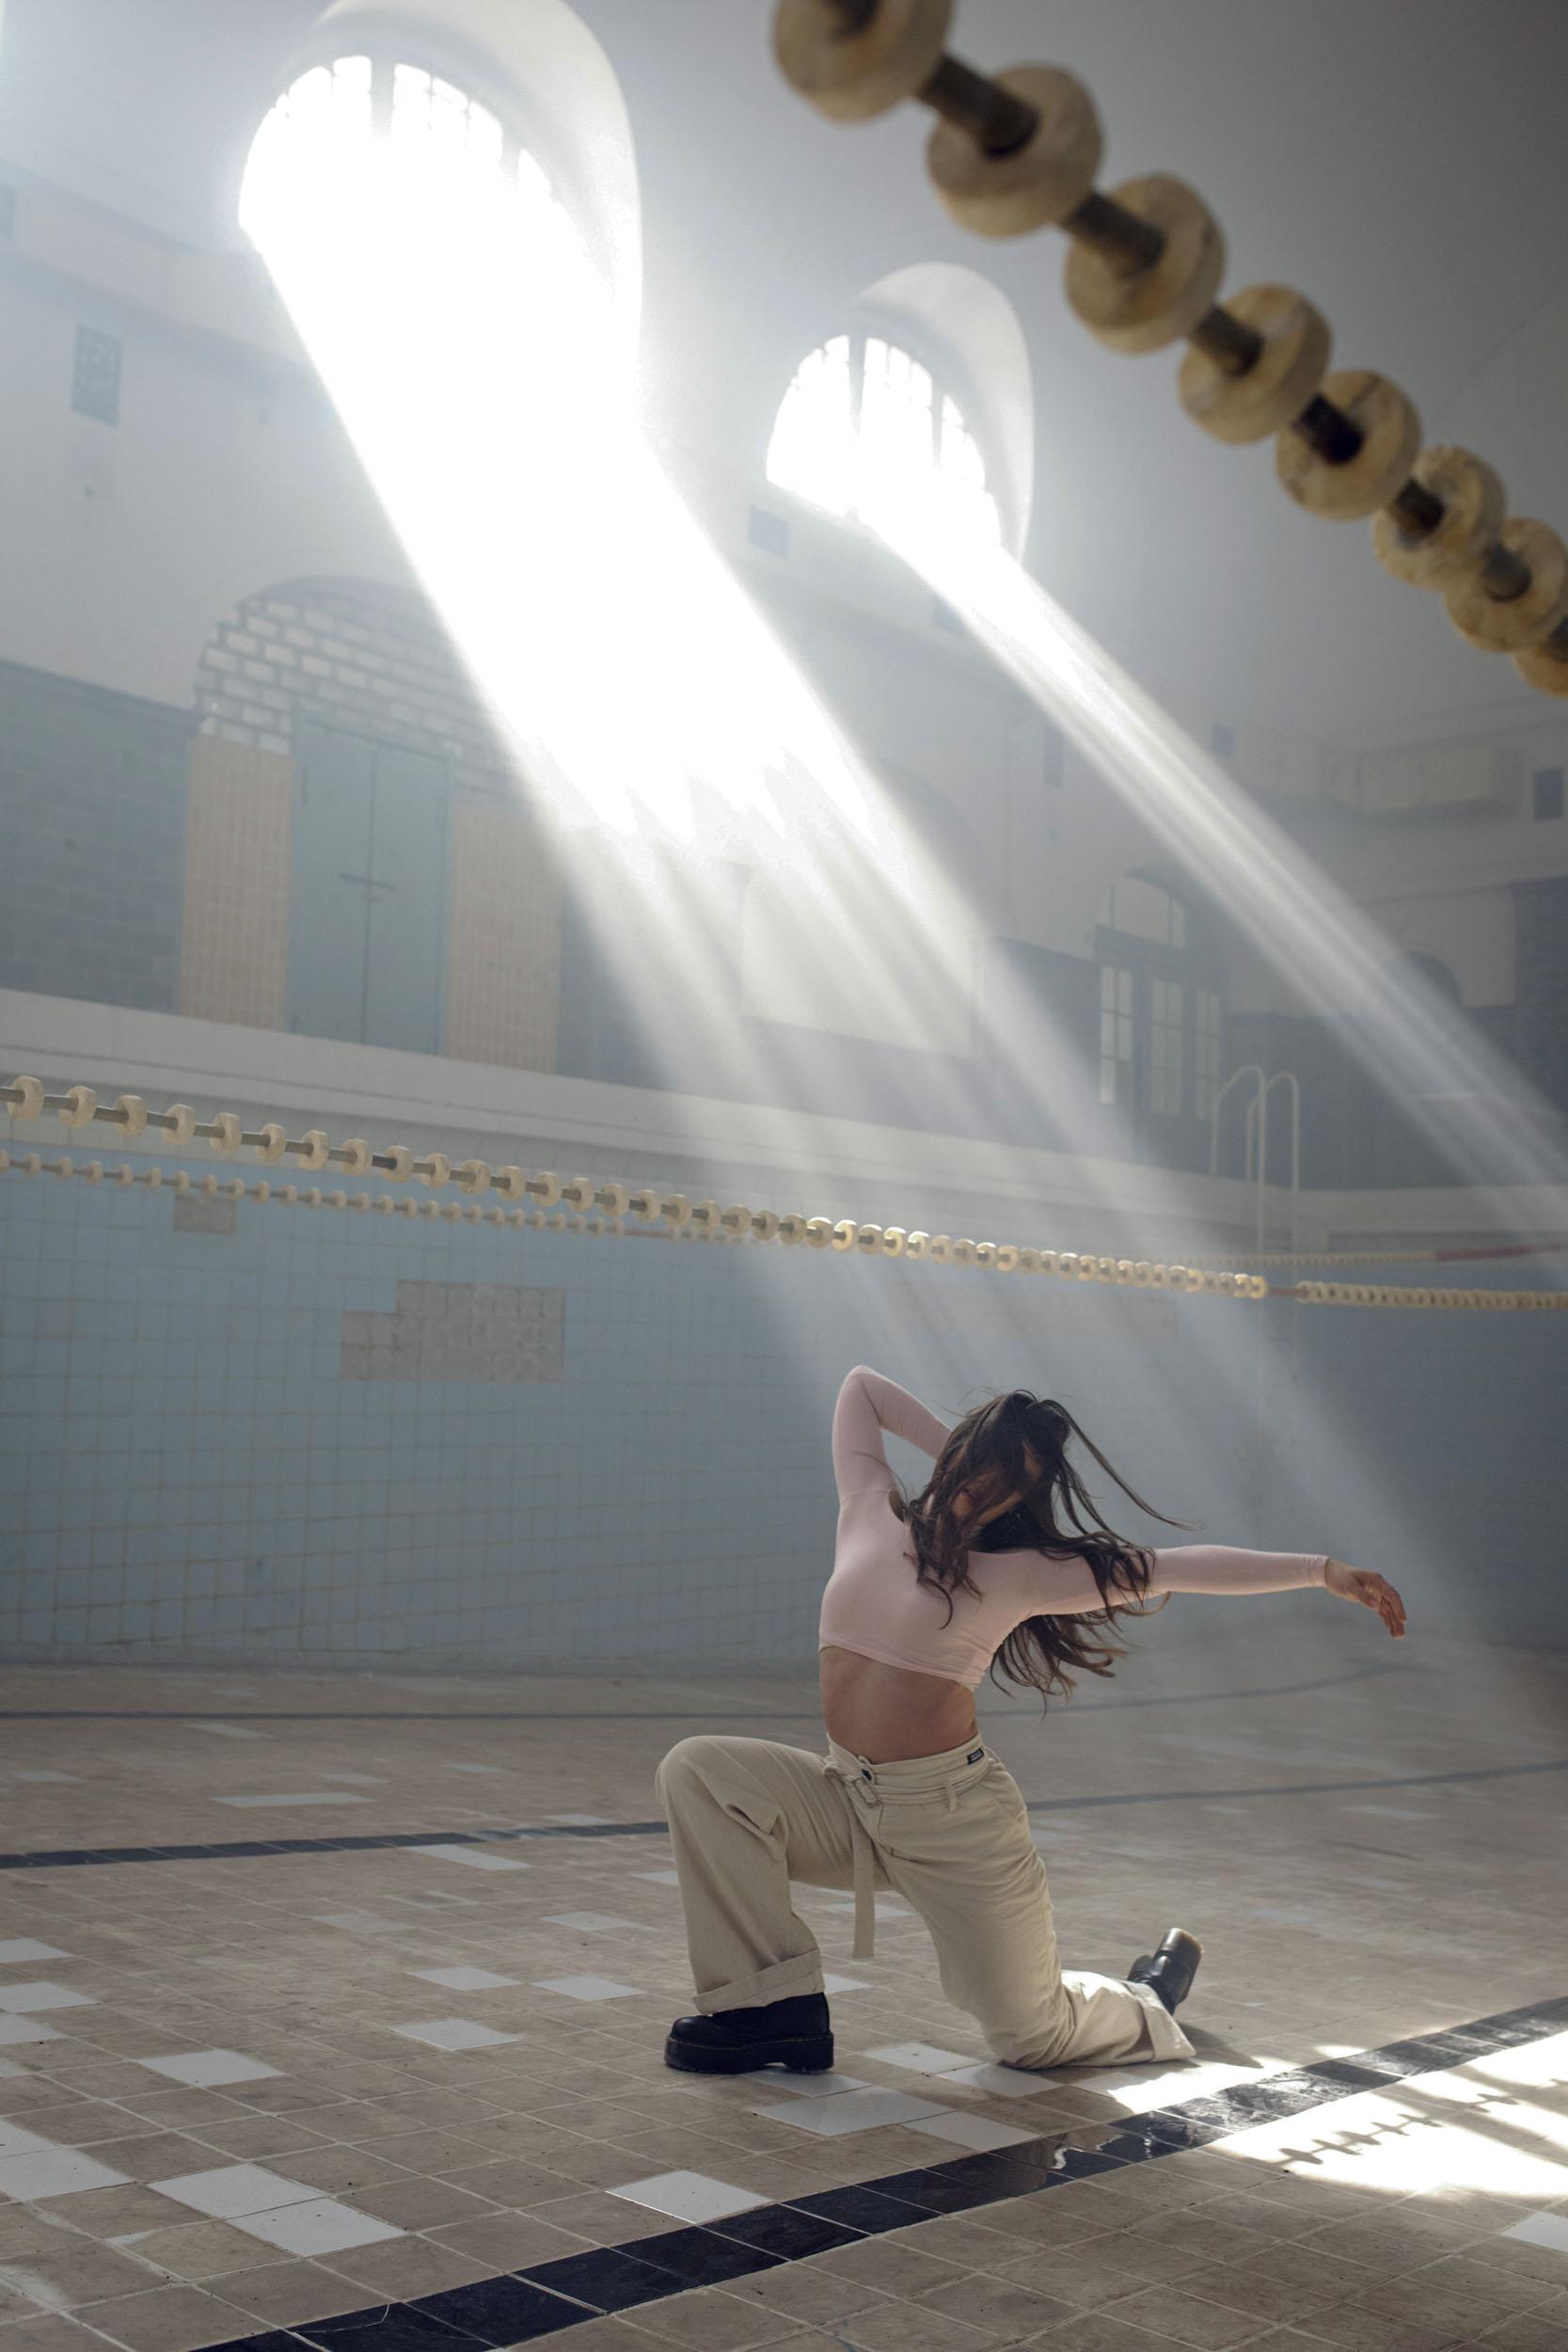 Laura the Ballerina